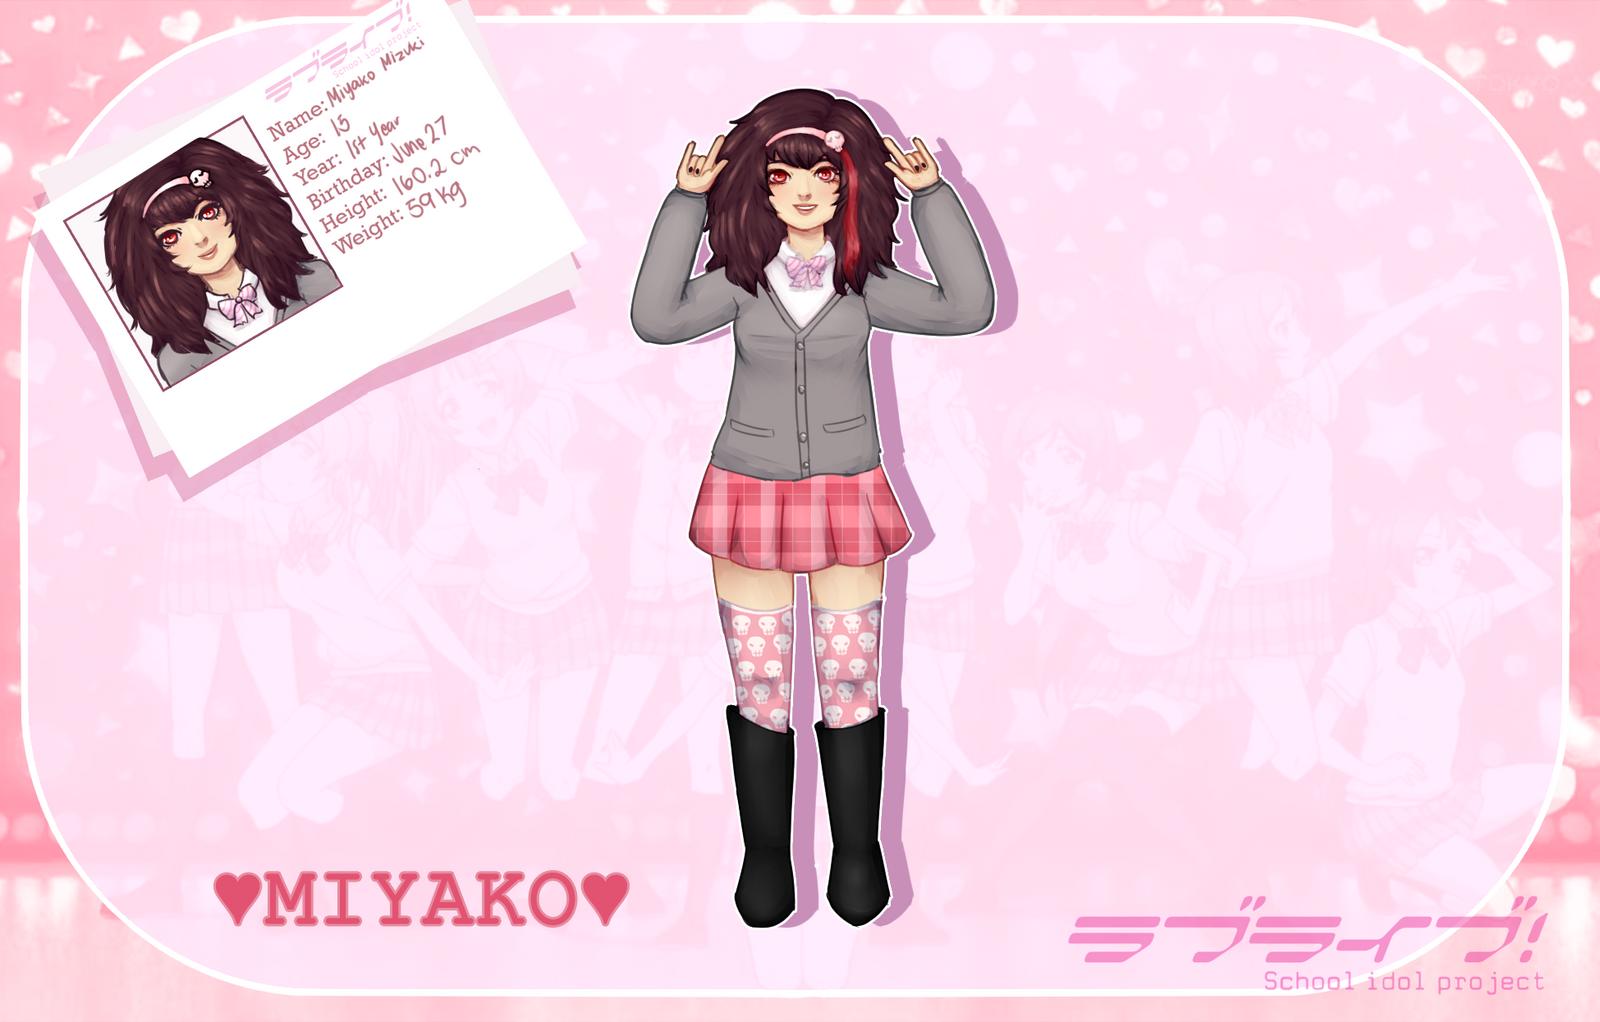 [S-I-P] MIYAKO by pekingchicken